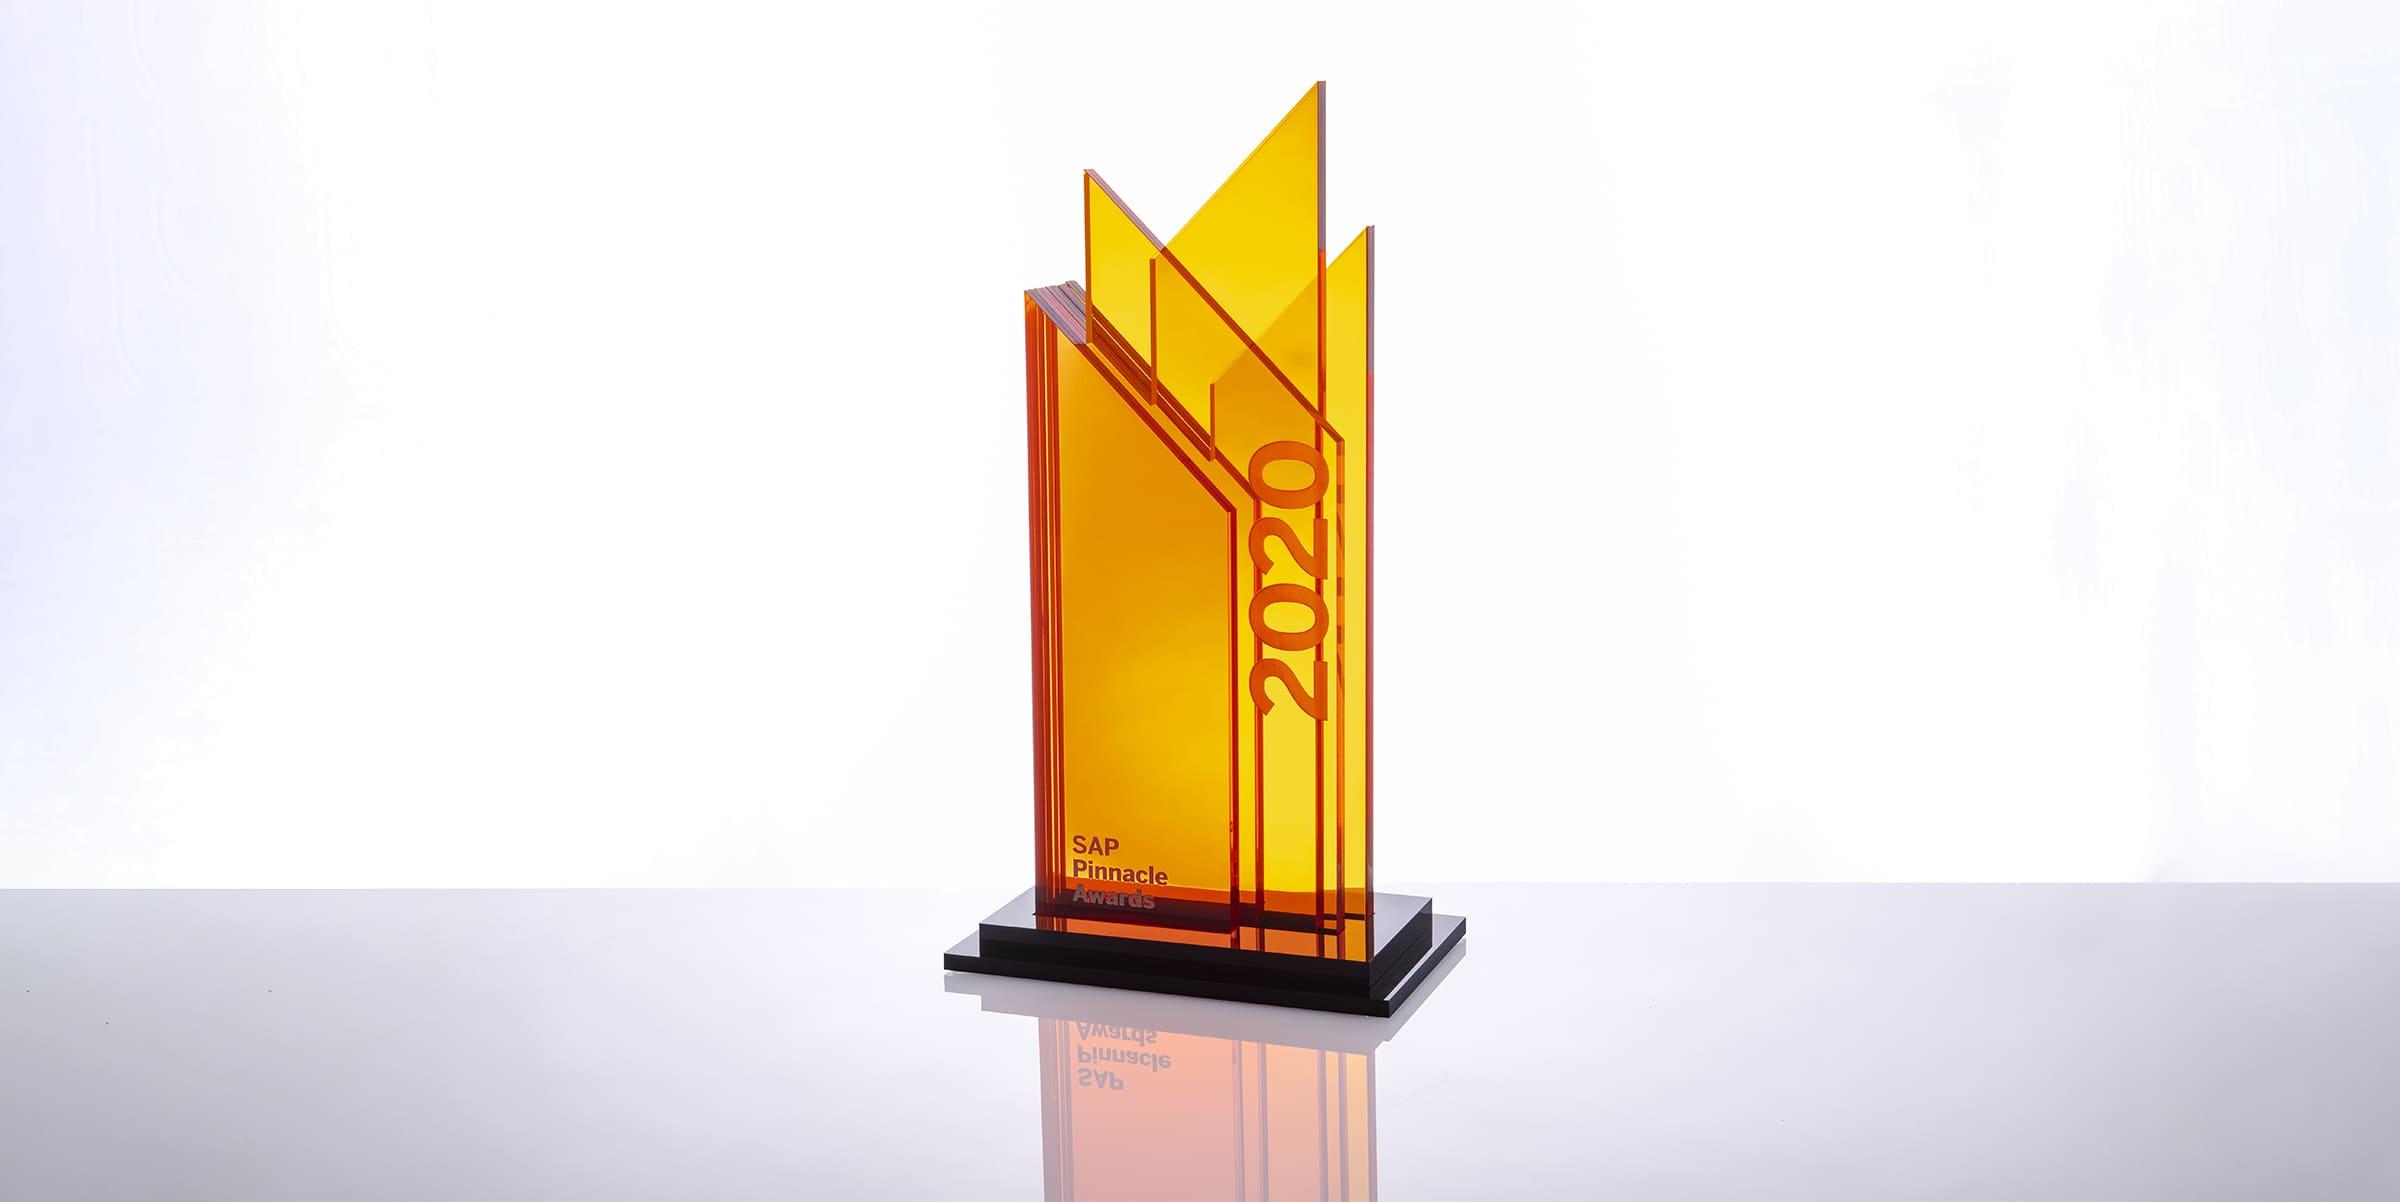 SAP Pinnacle awards